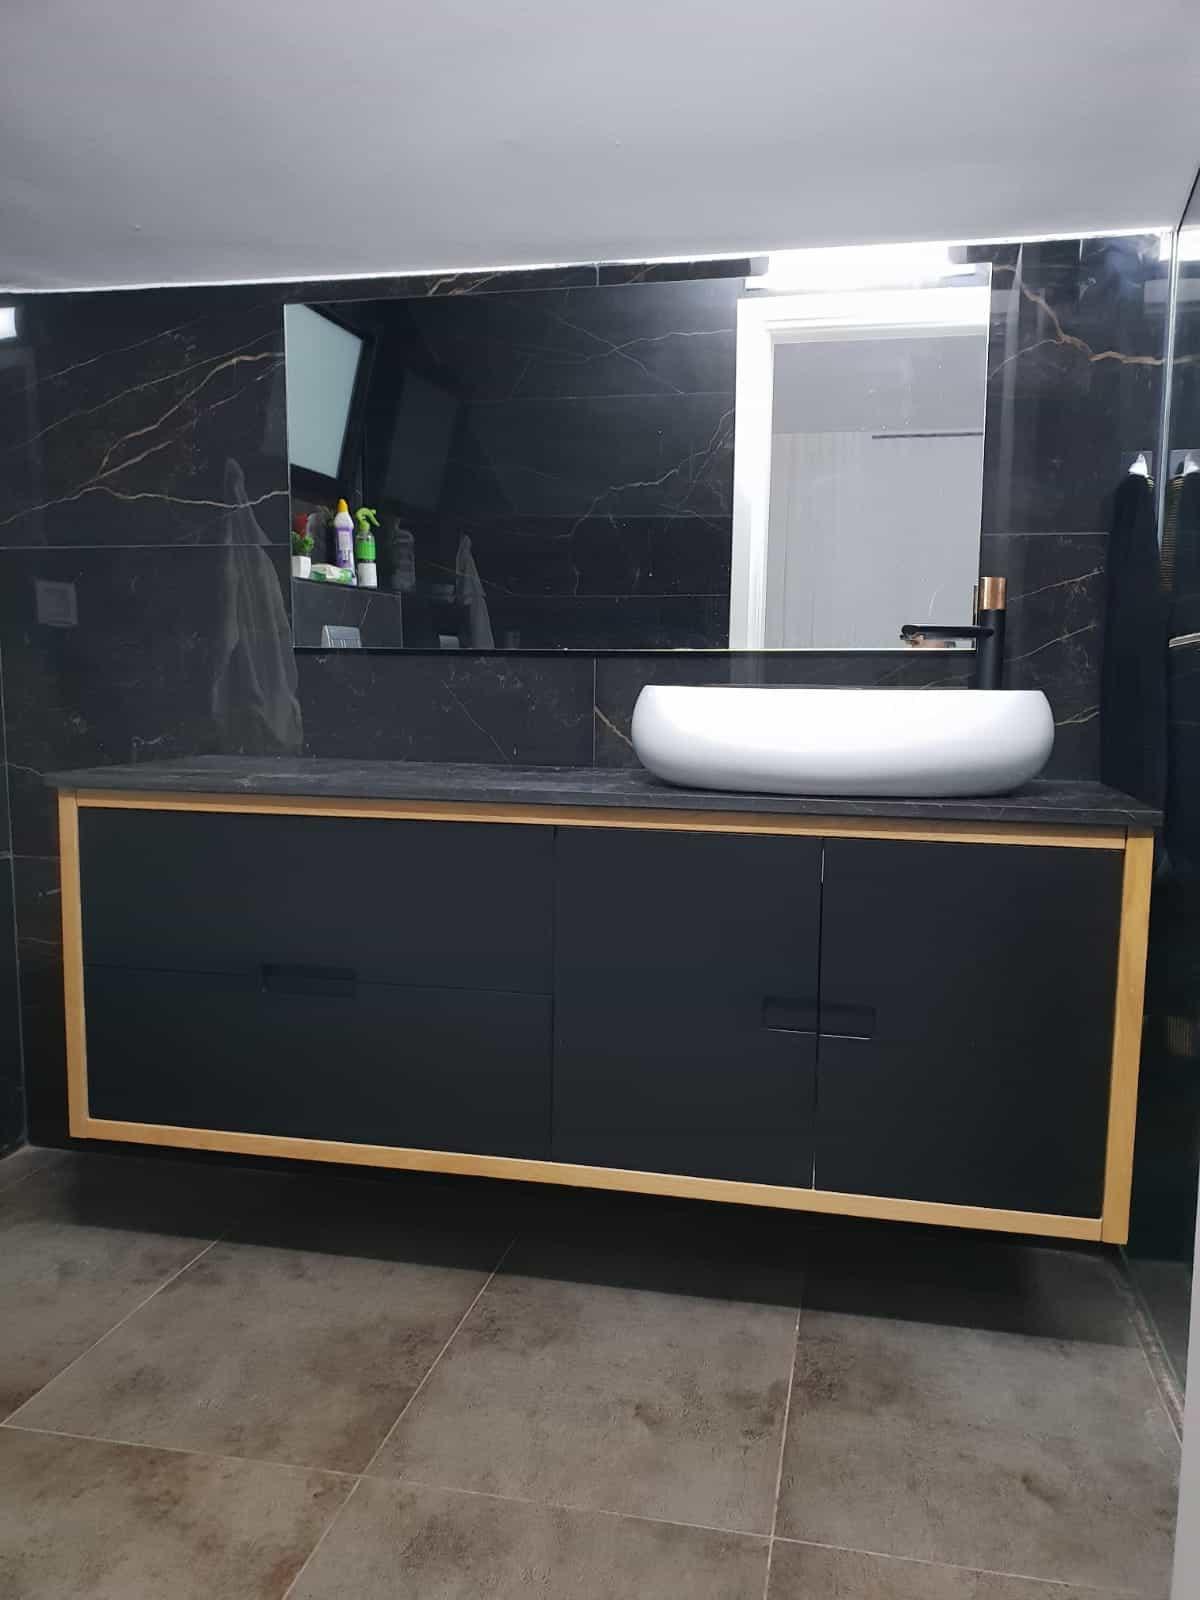 ארונות אמבטיה בהתאמה אישית לוי אמבט דגם 1201